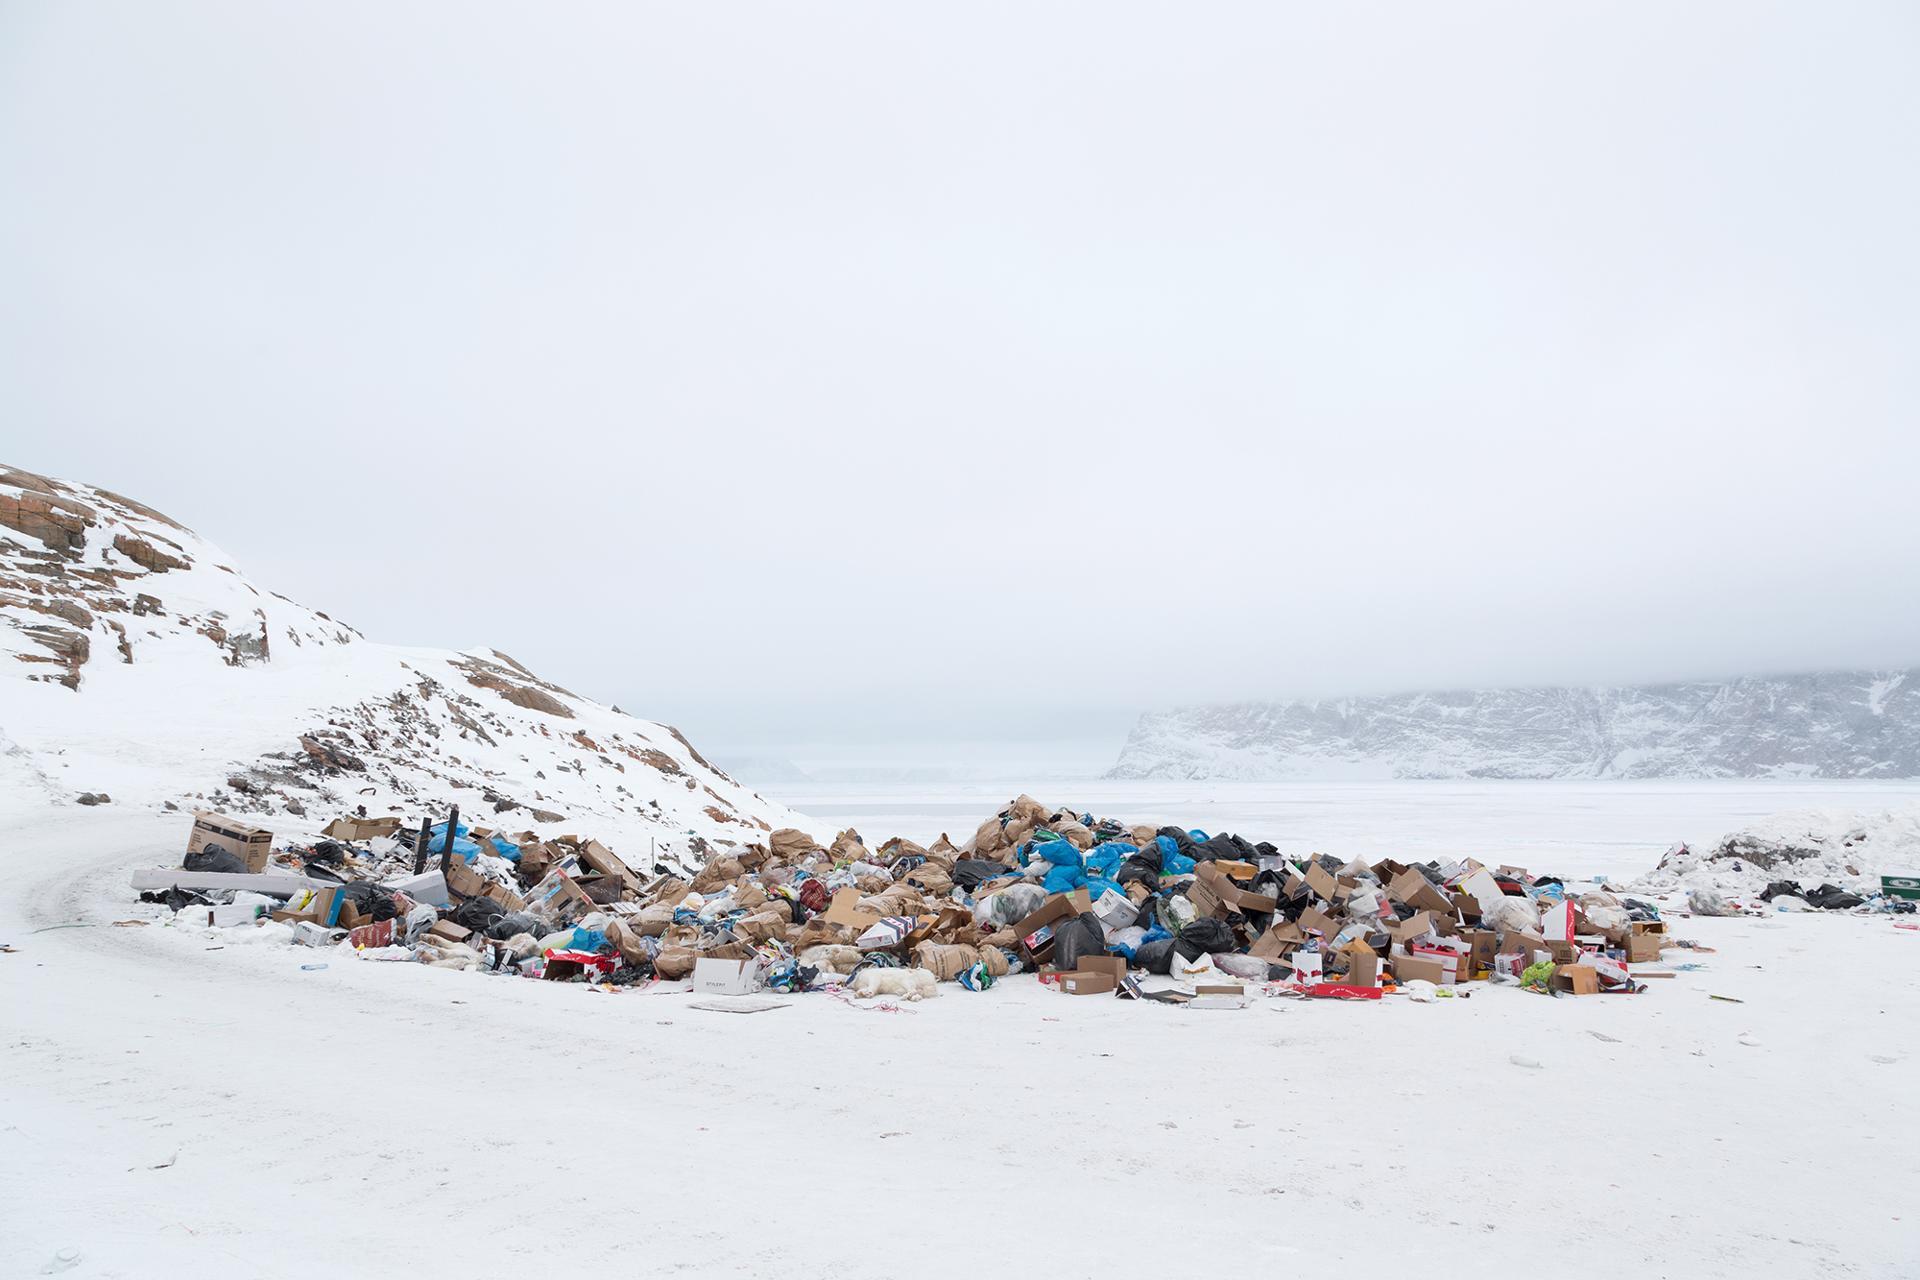 Déchetterie Uummannaq Groenland